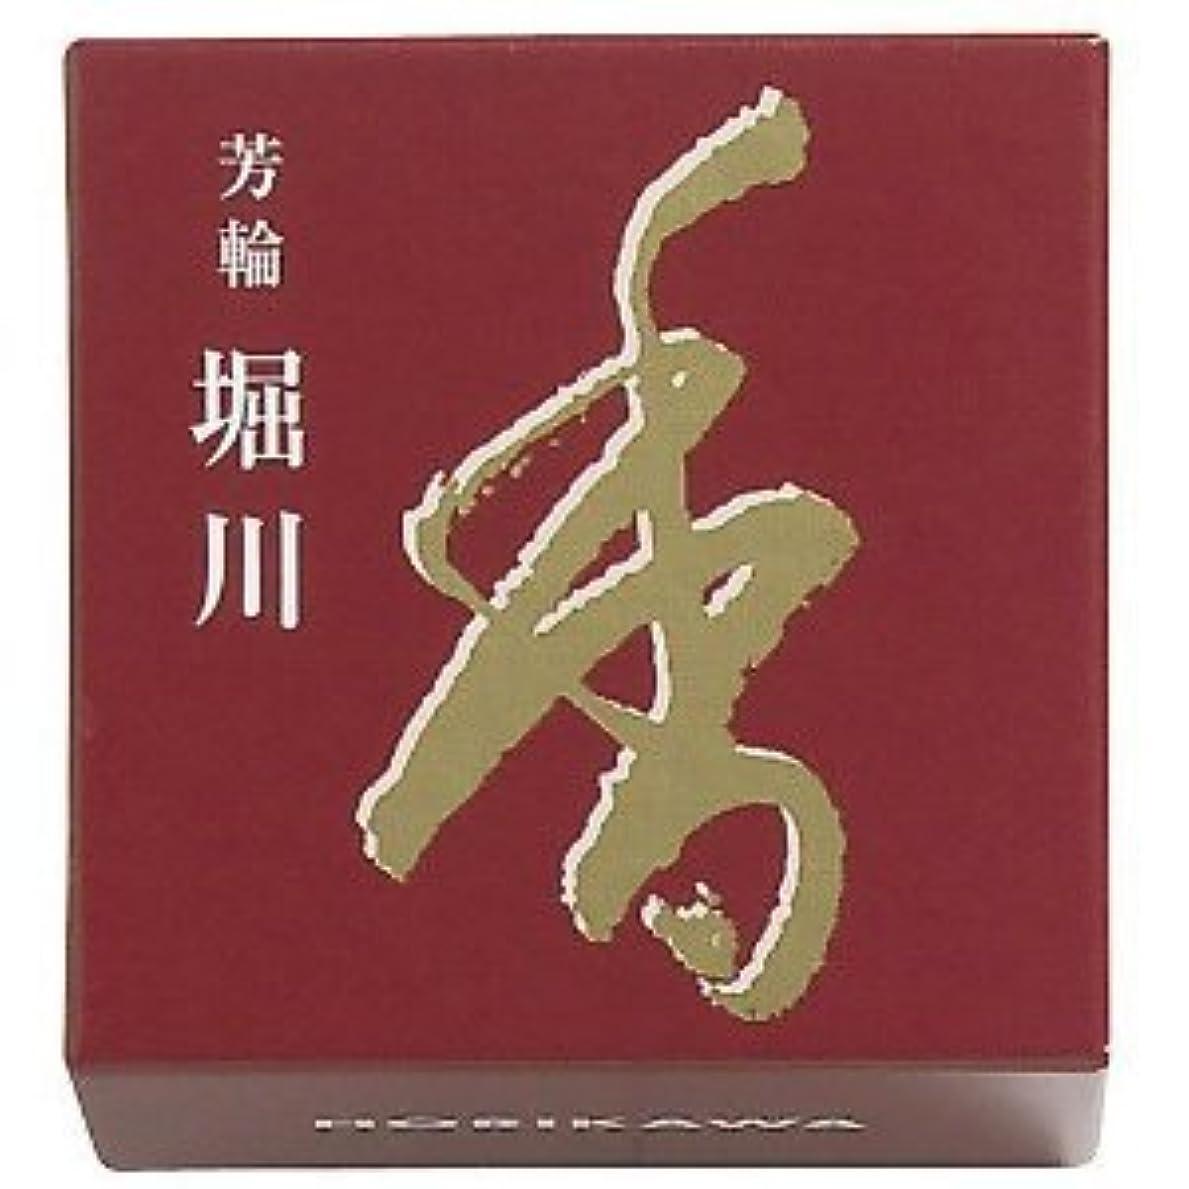 シャーアッティカス教師の日松栄堂 芳輪 堀川 渦巻型10枚入